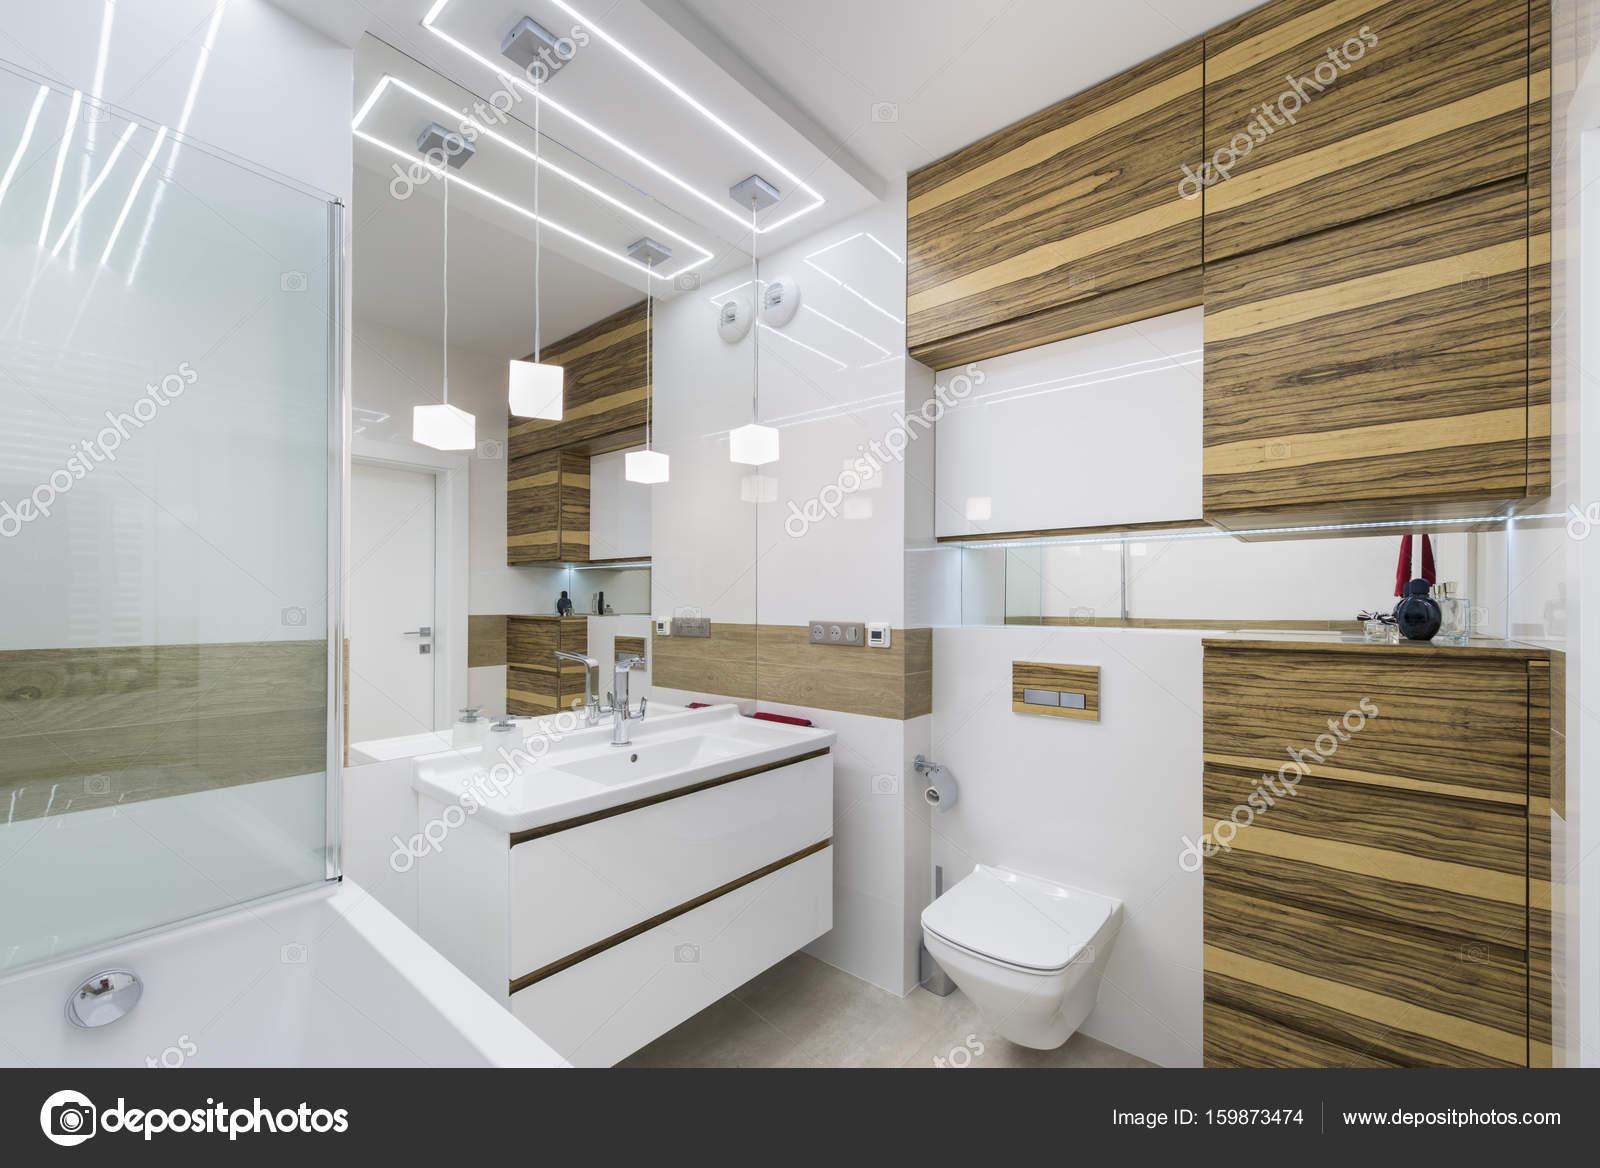 Moderne badkamer interieur design u2014 stockfoto © jacek kadaj #159873474